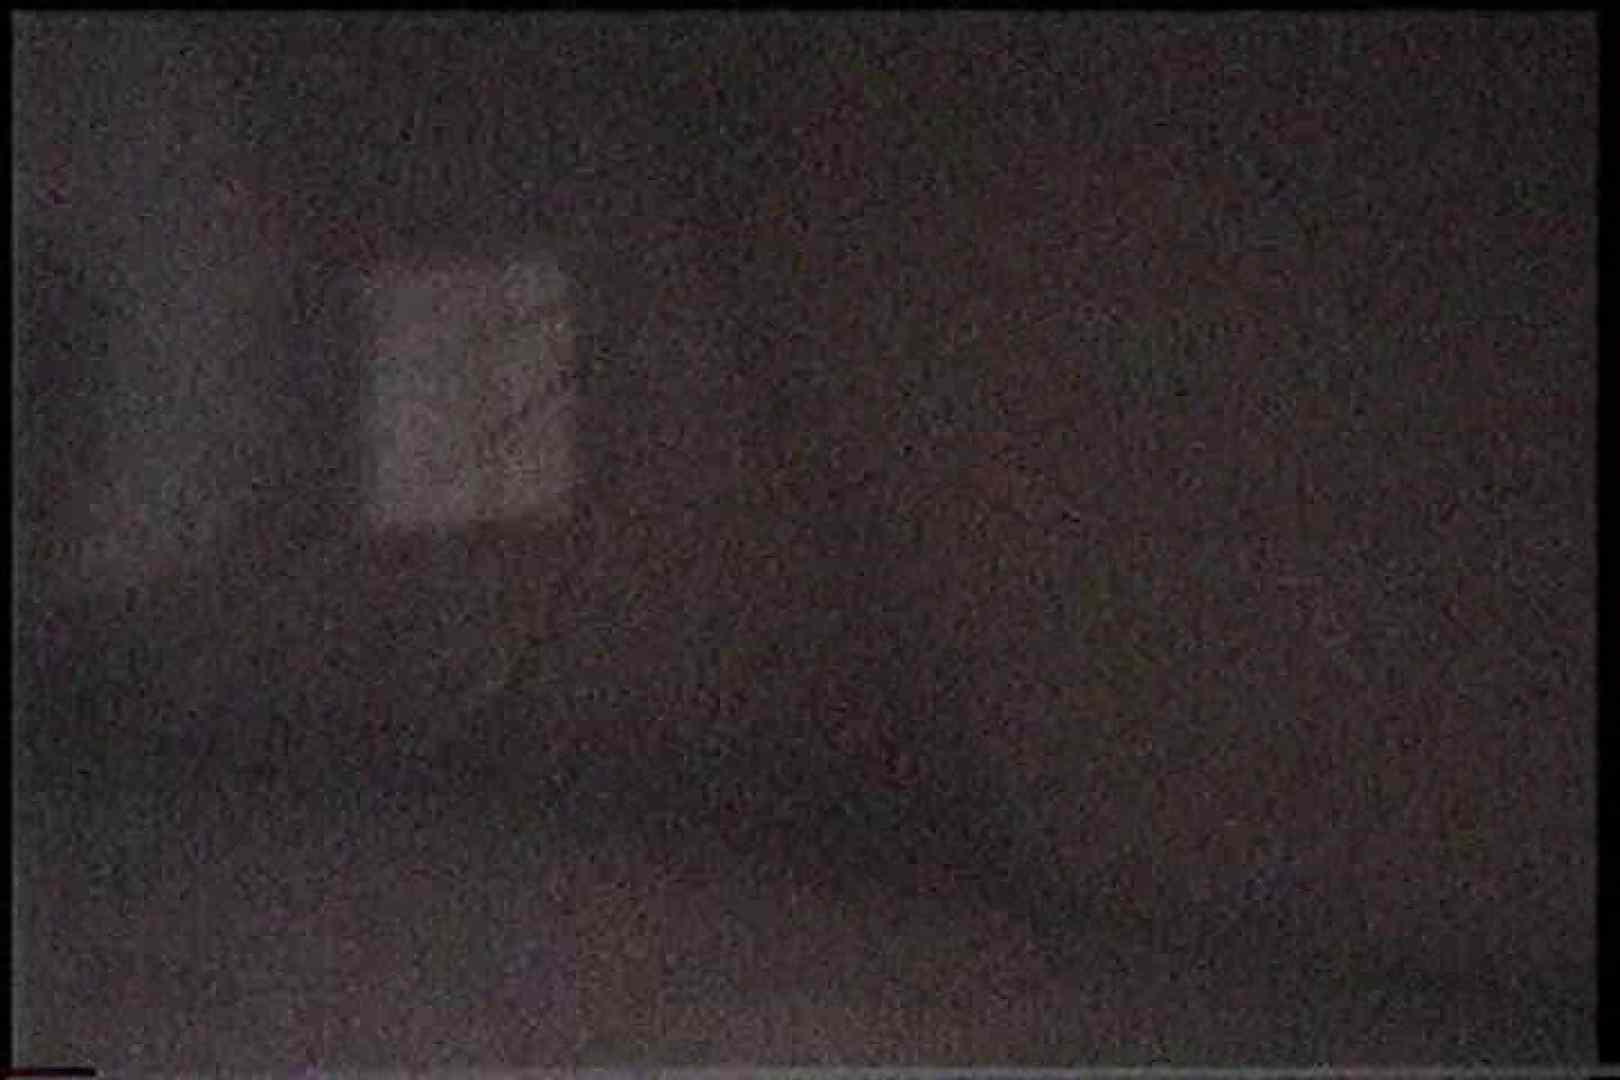 充血監督の深夜の運動会Vol.204 エロティックなOL | エッチなセックス  59画像 49